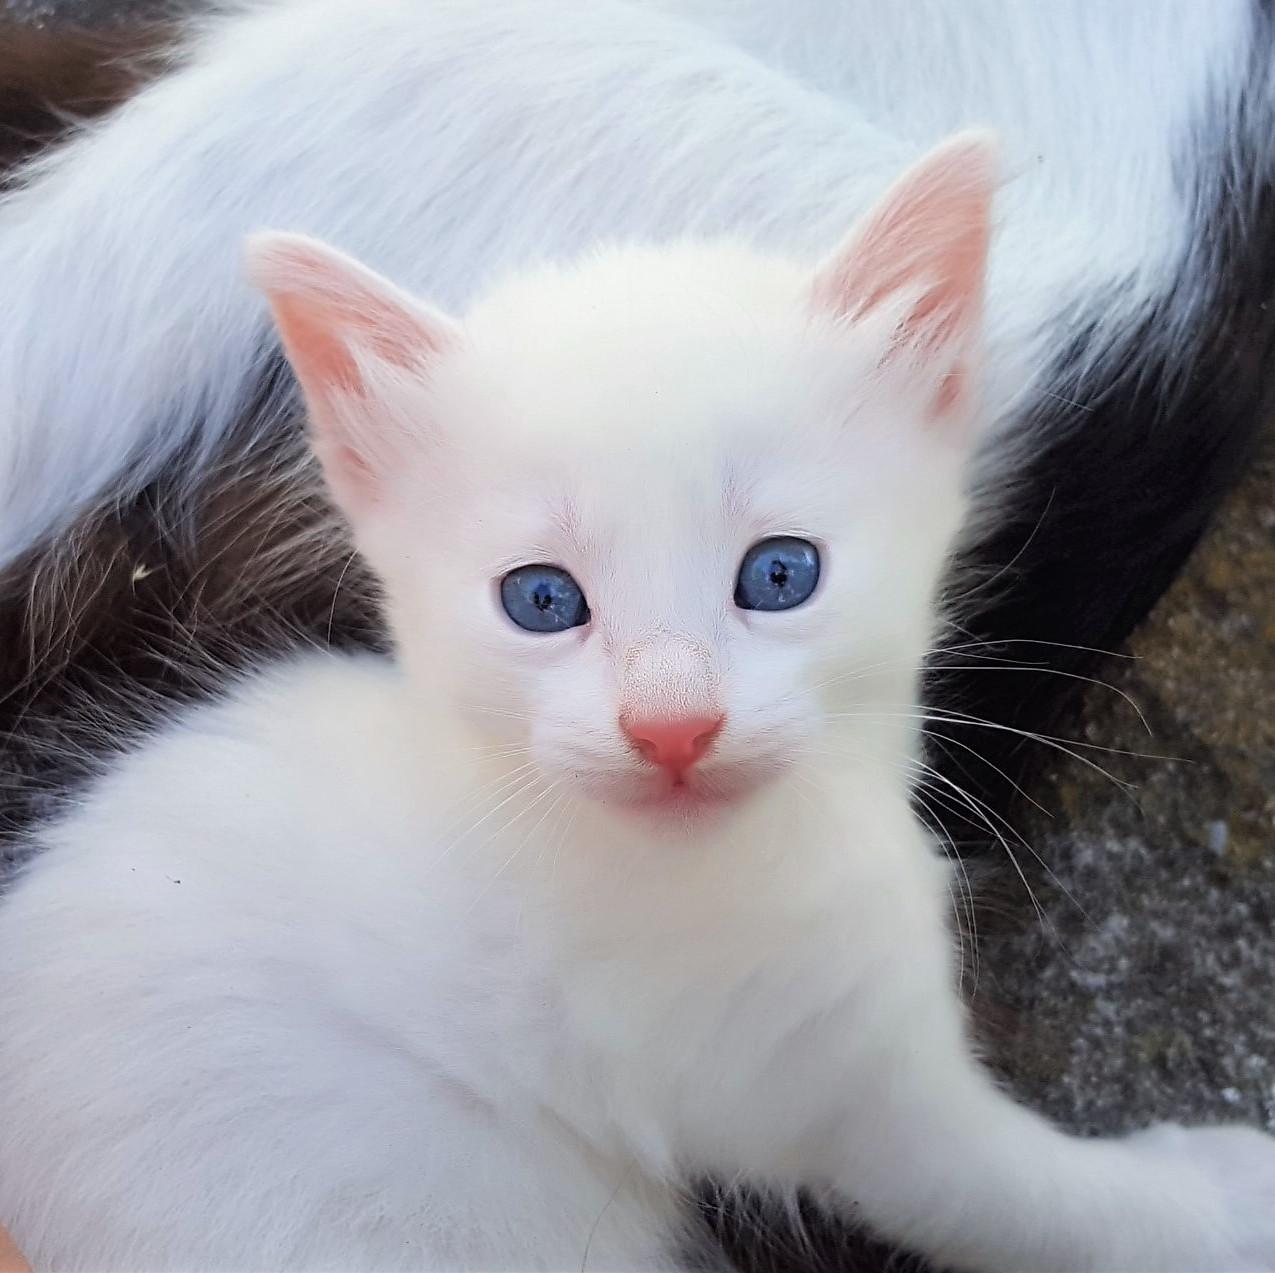 Girl kitty 29 June 2020